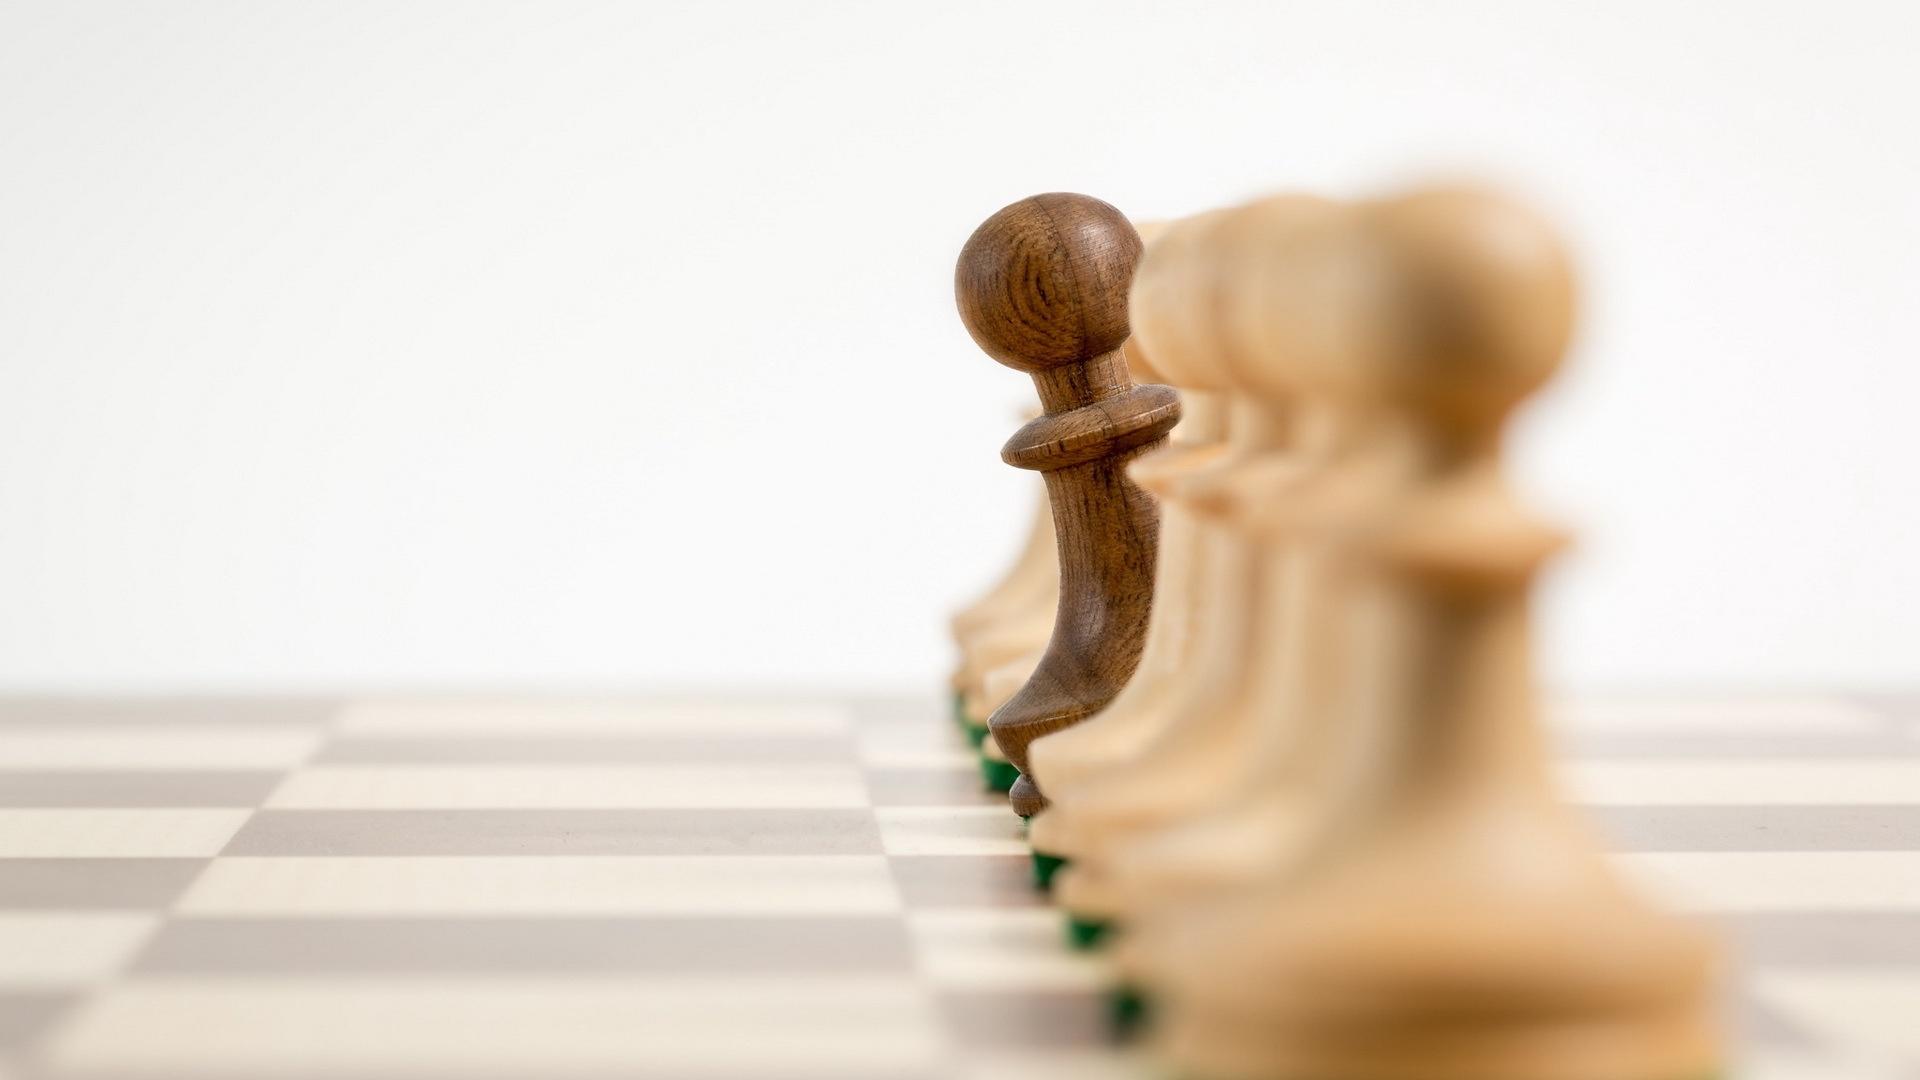 upeer.ir_upeer.ir_chess-pawns-1920x1080